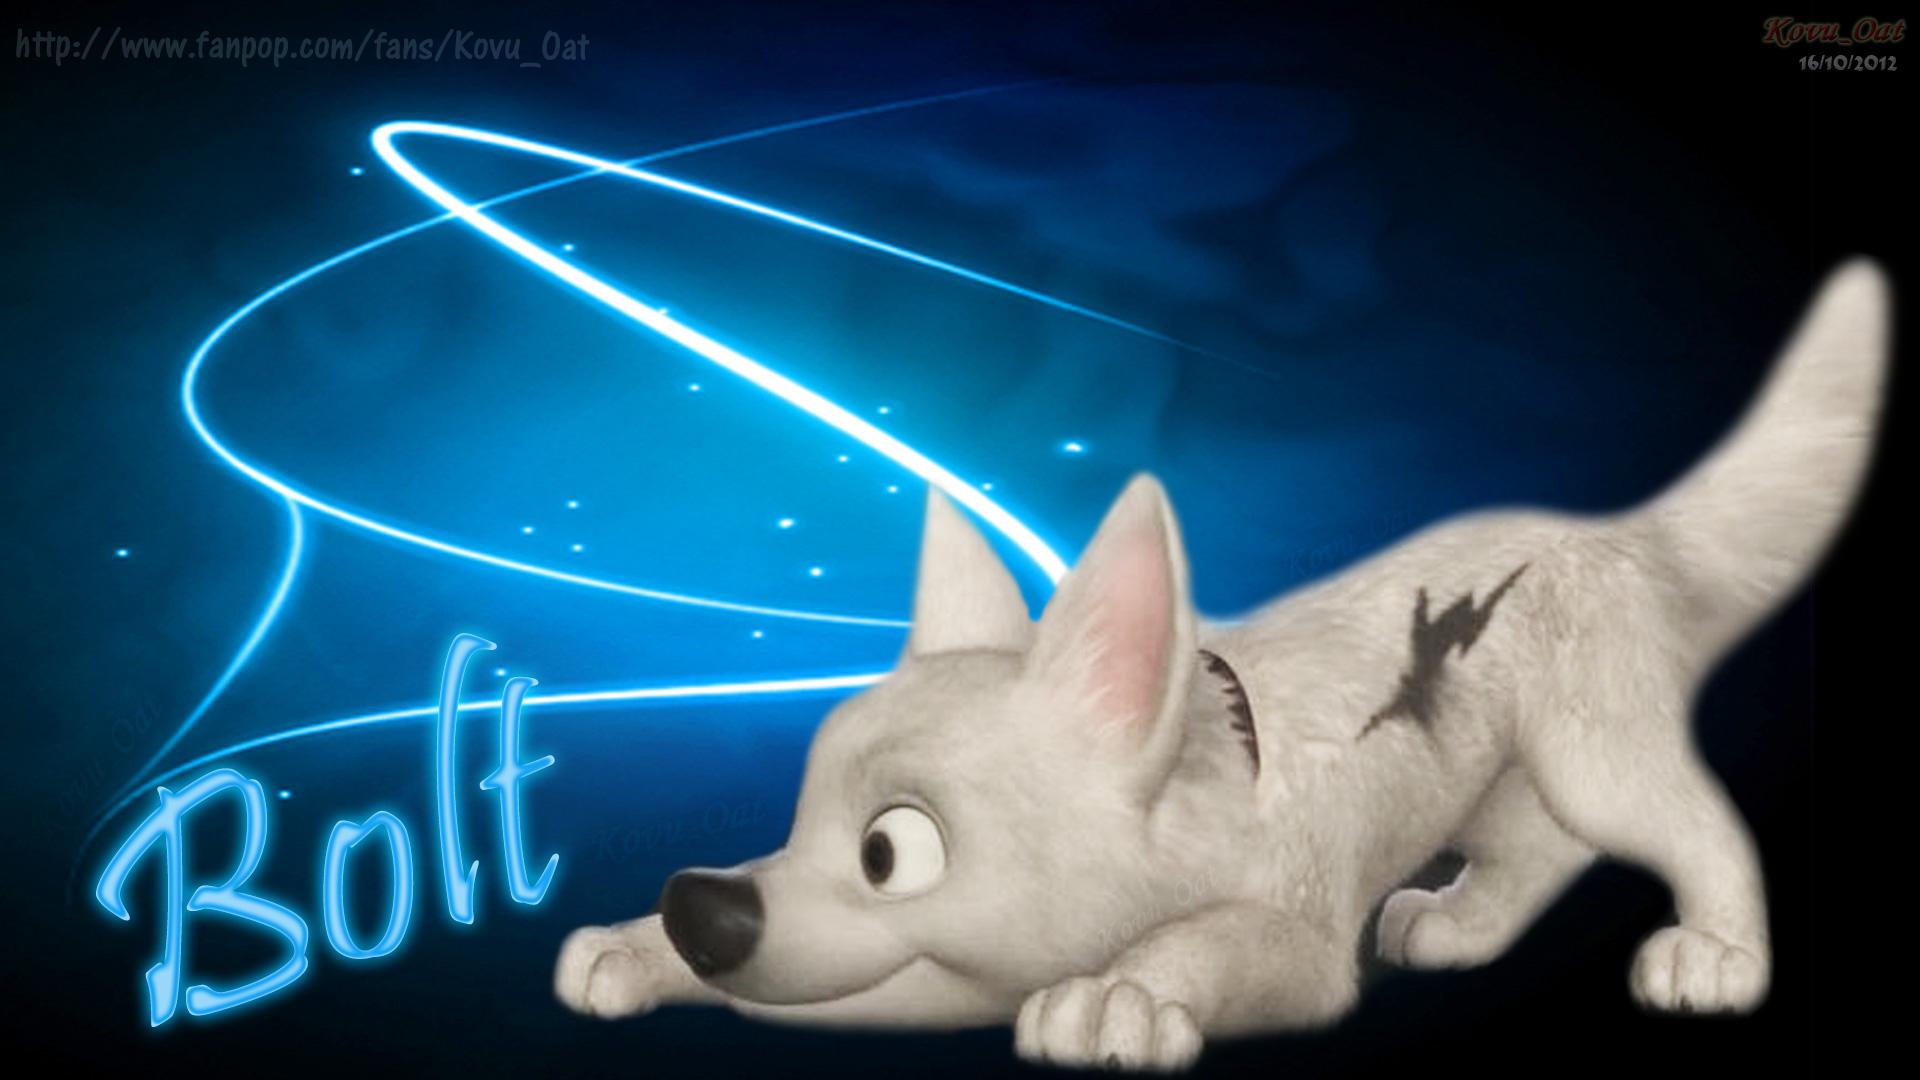 Graphic Art Disney Bolt Wallpaper Hd Disney S Bolt HD Wallpapers Download Free Images Wallpaper [1000image.com]